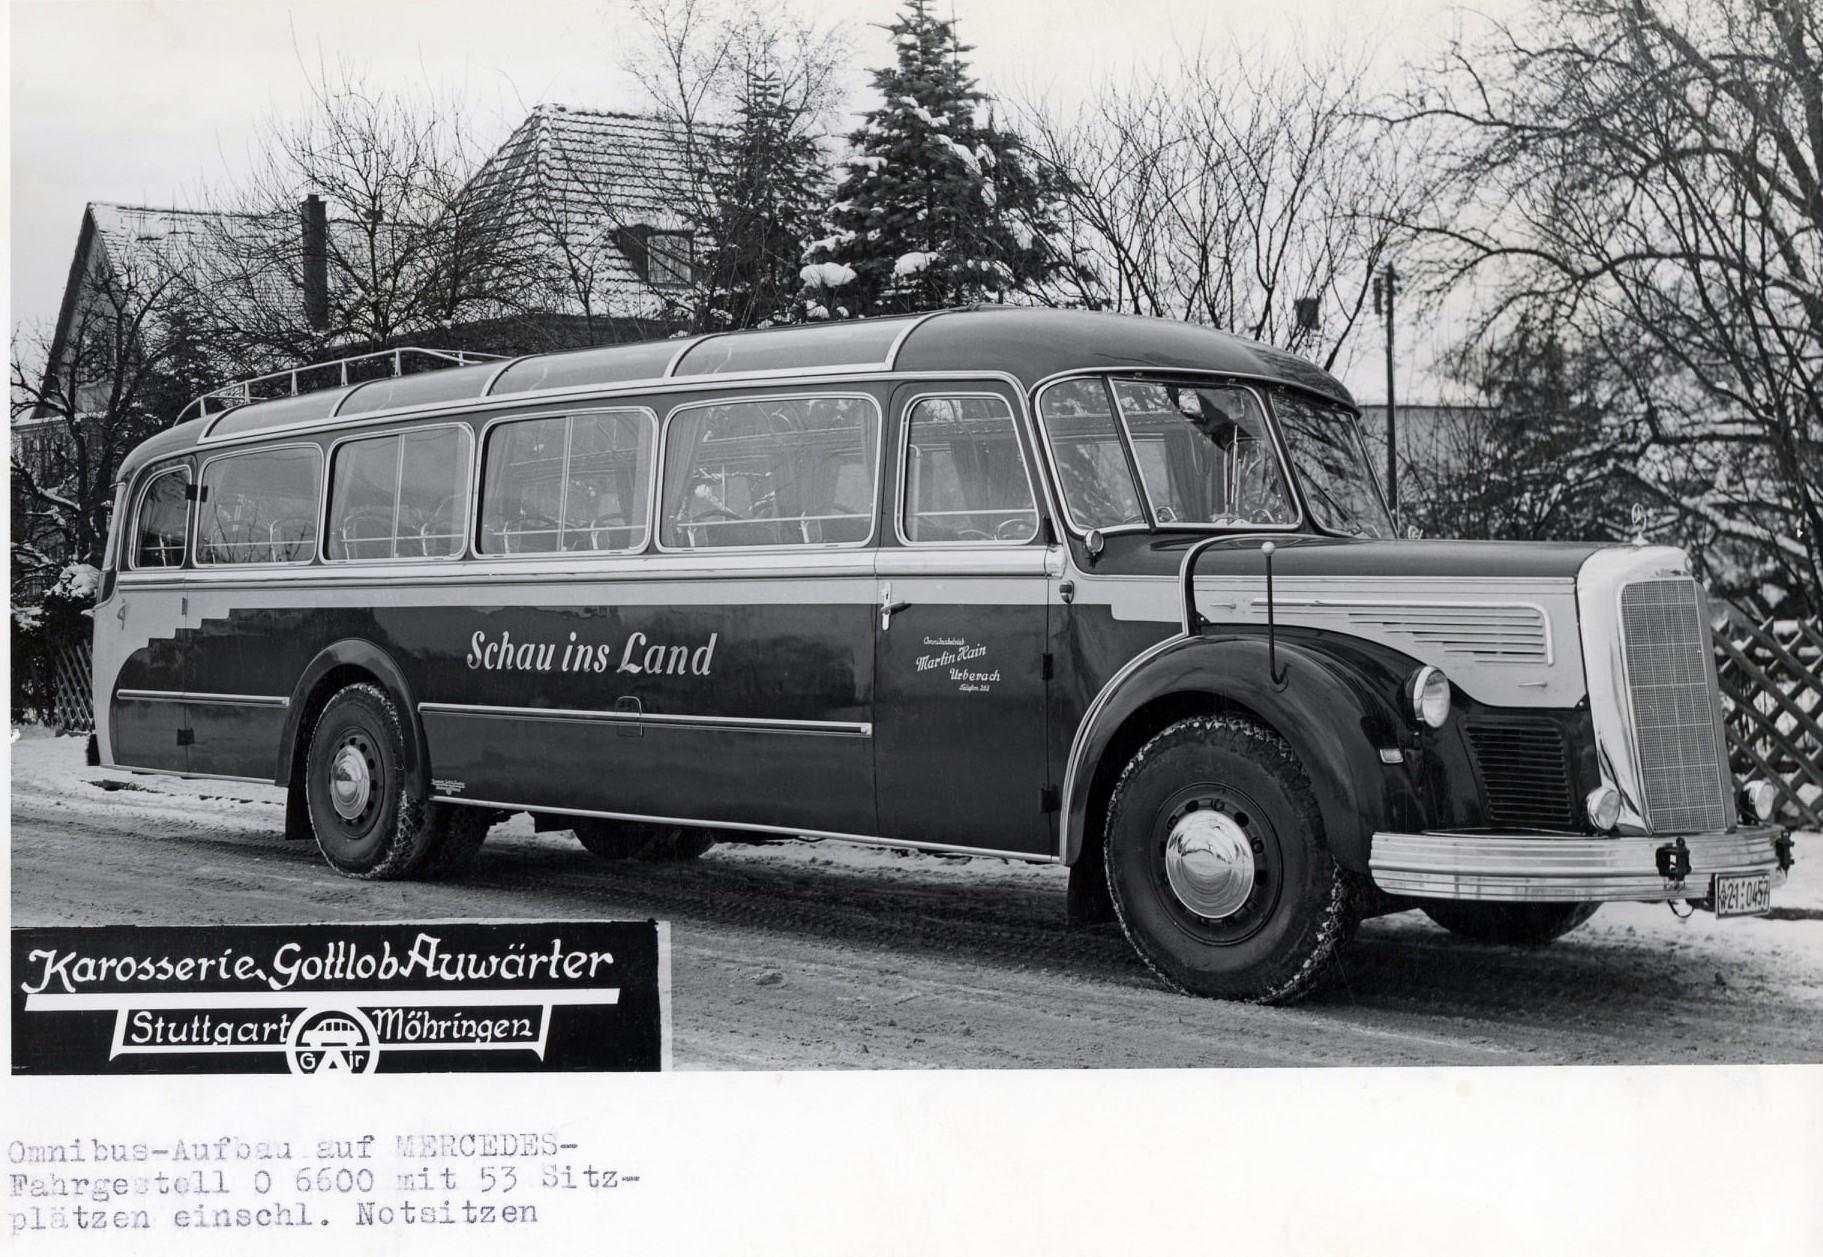 Mercedes-O-6600-